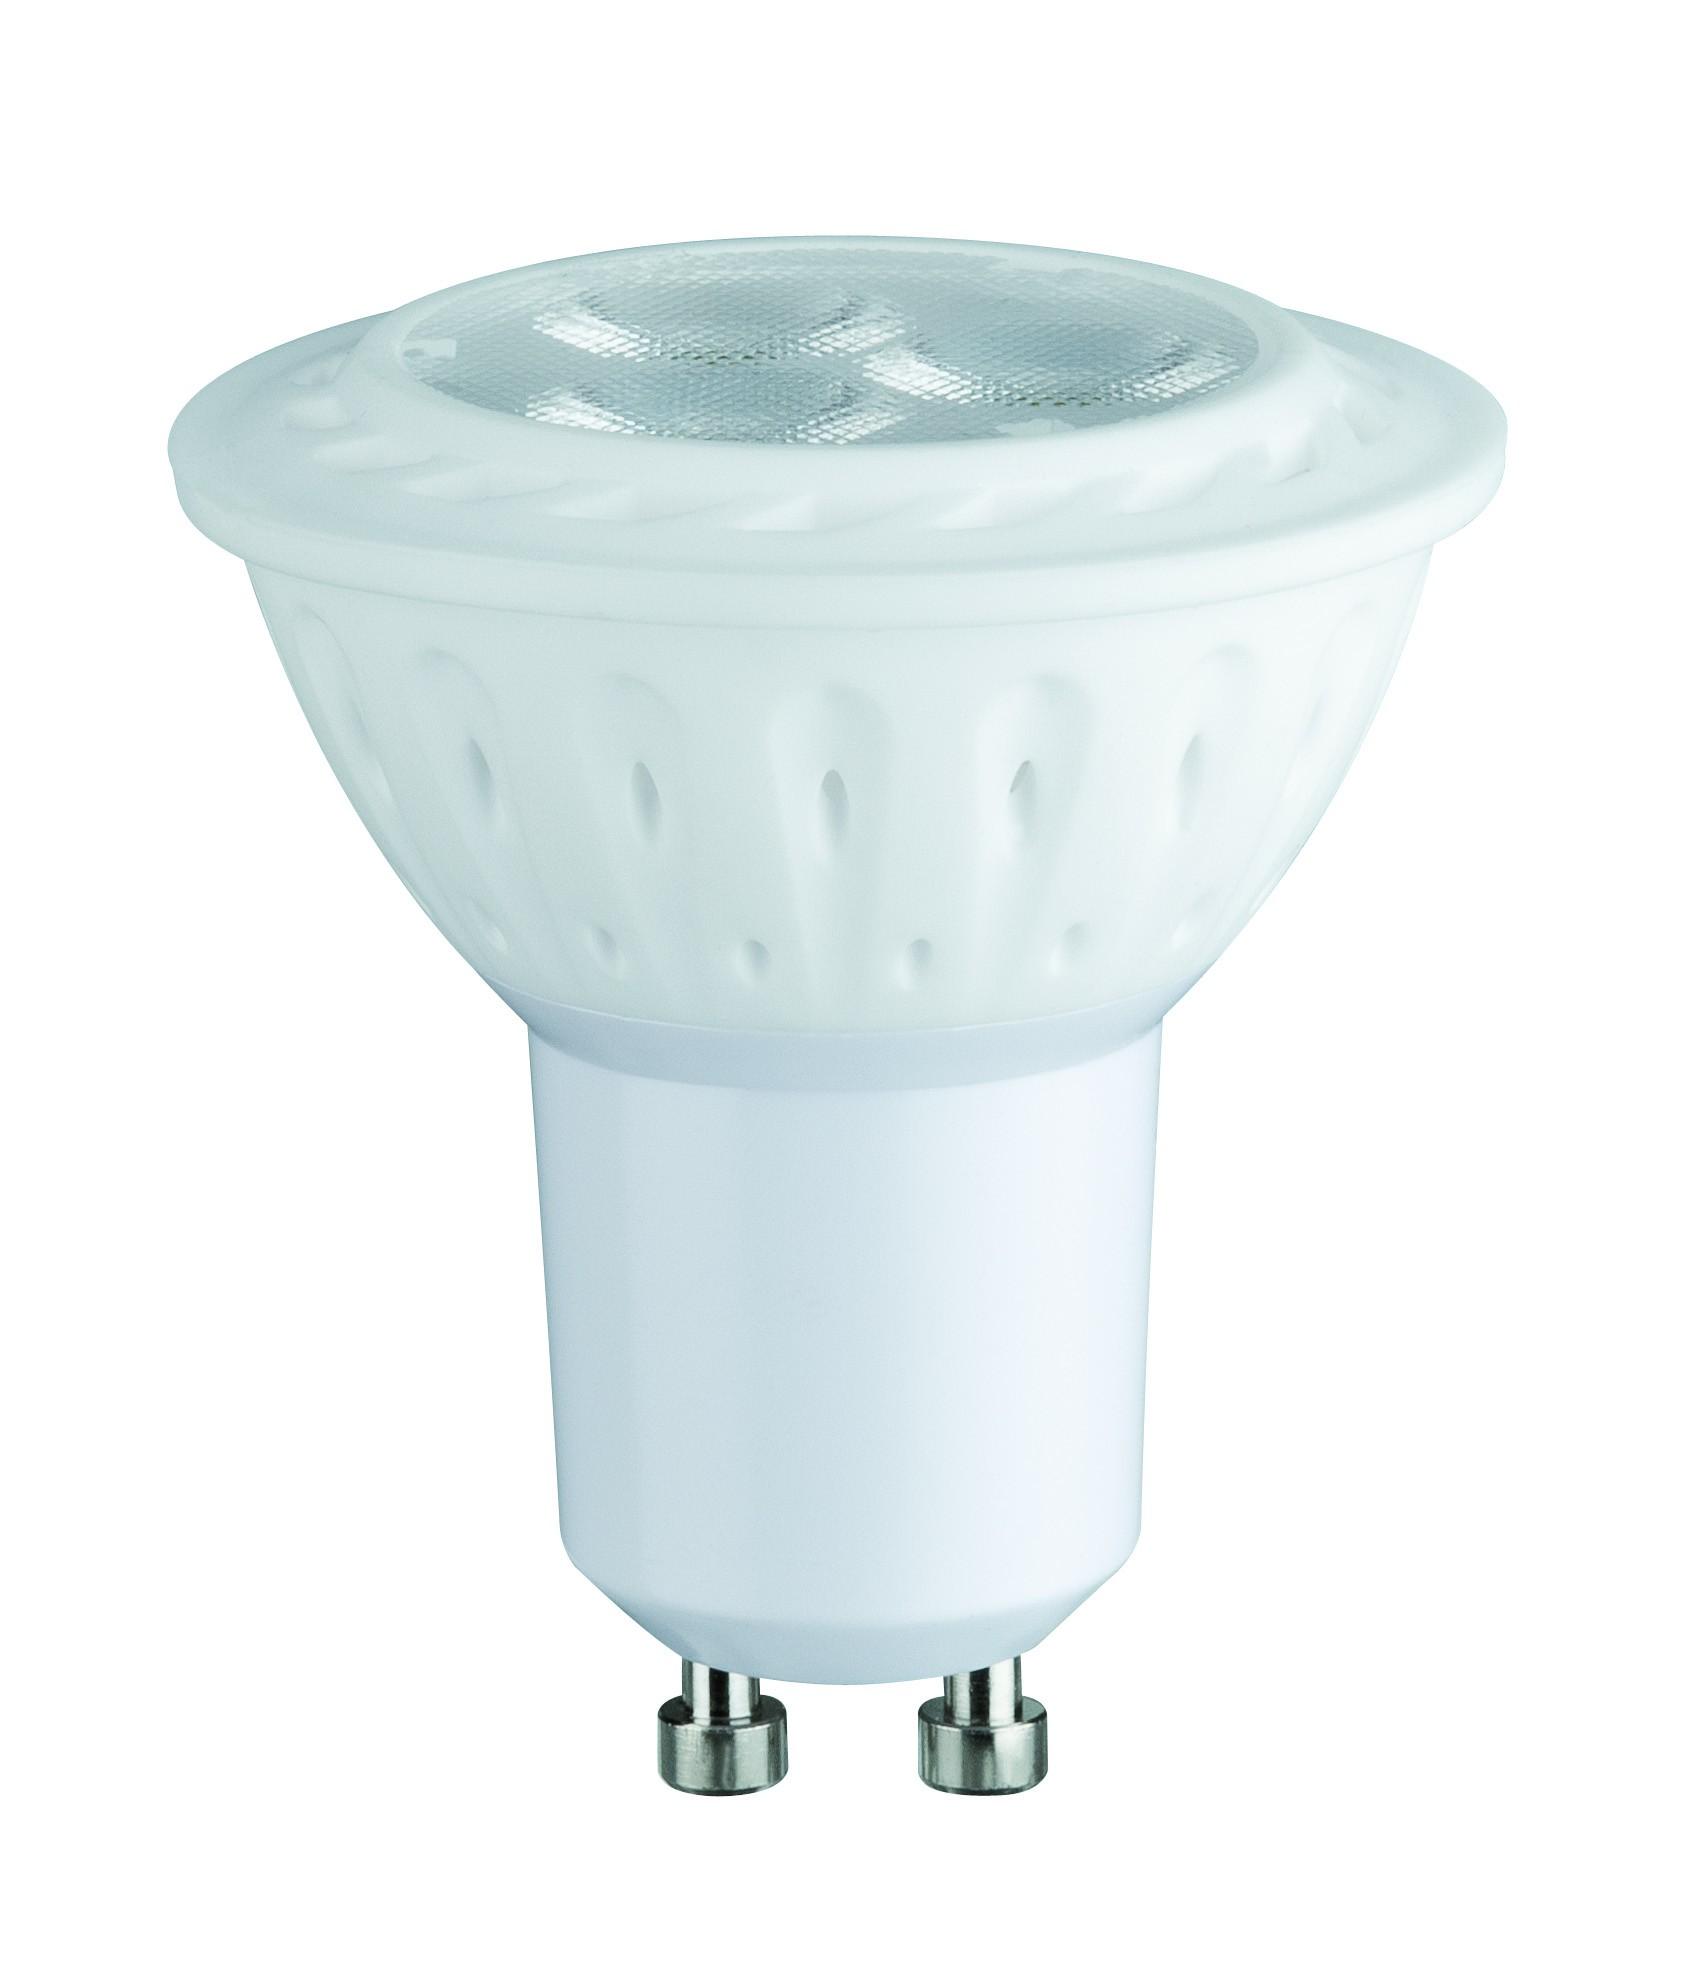 paulmann gu10 fassung led reflektor maxiflood 4w gu10 230v warmwei leuchtmittel gu10 fassung. Black Bedroom Furniture Sets. Home Design Ideas